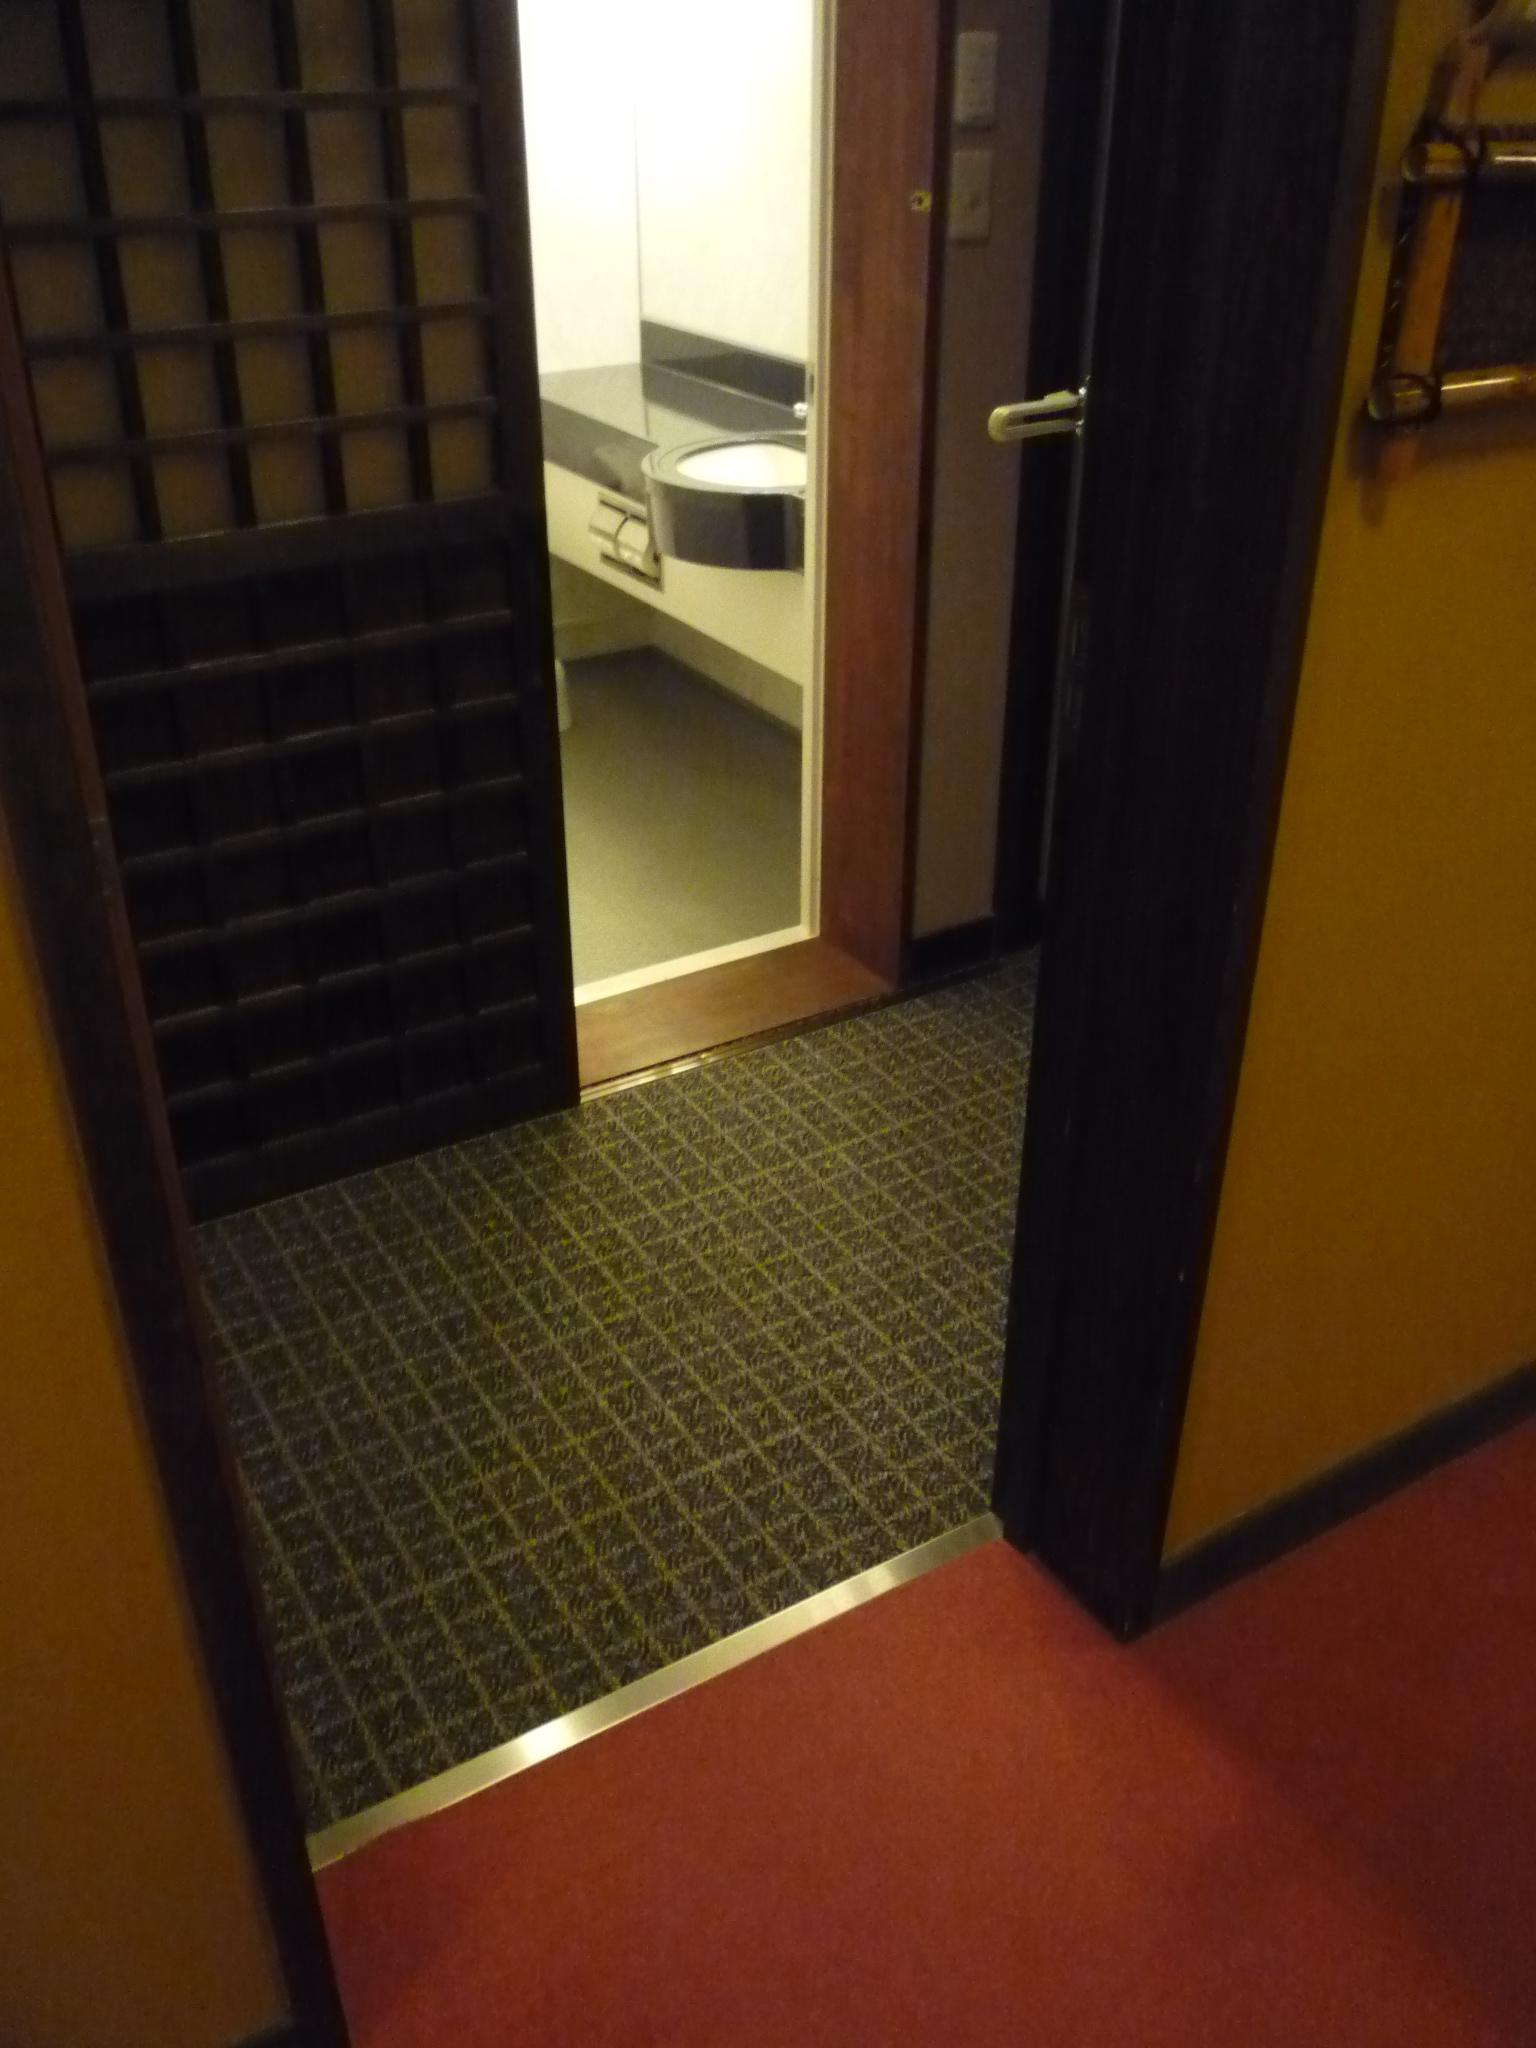 客室 やまびこ 入口の画像 クリック・Enterで拡大